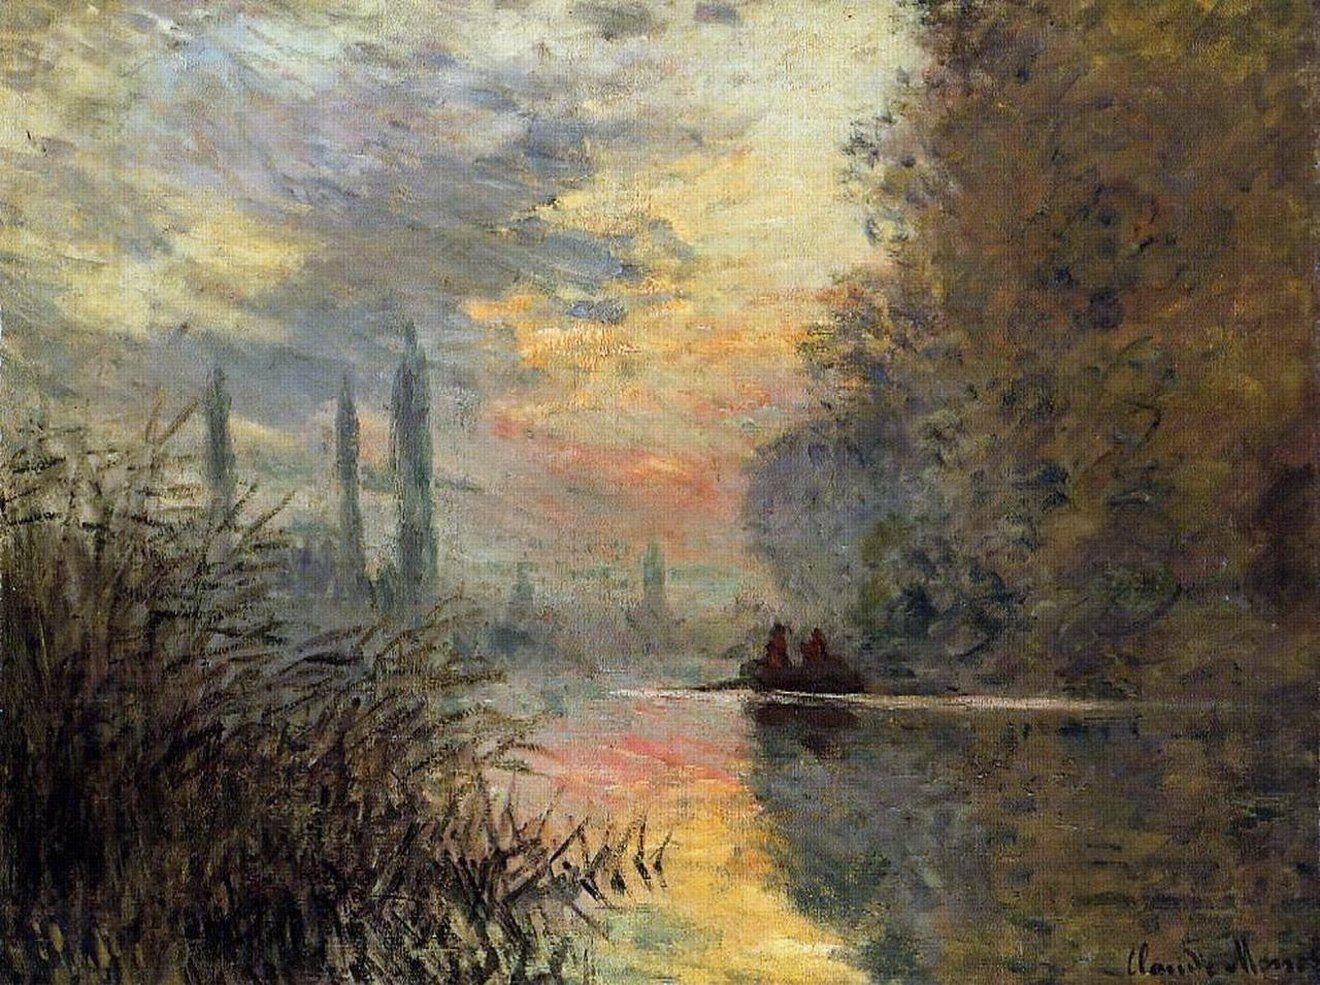 речной пейзаж < Вечер В Аржантёе >:: Клод Моне, описание картины - Моне Клод (Claude Monet) фото